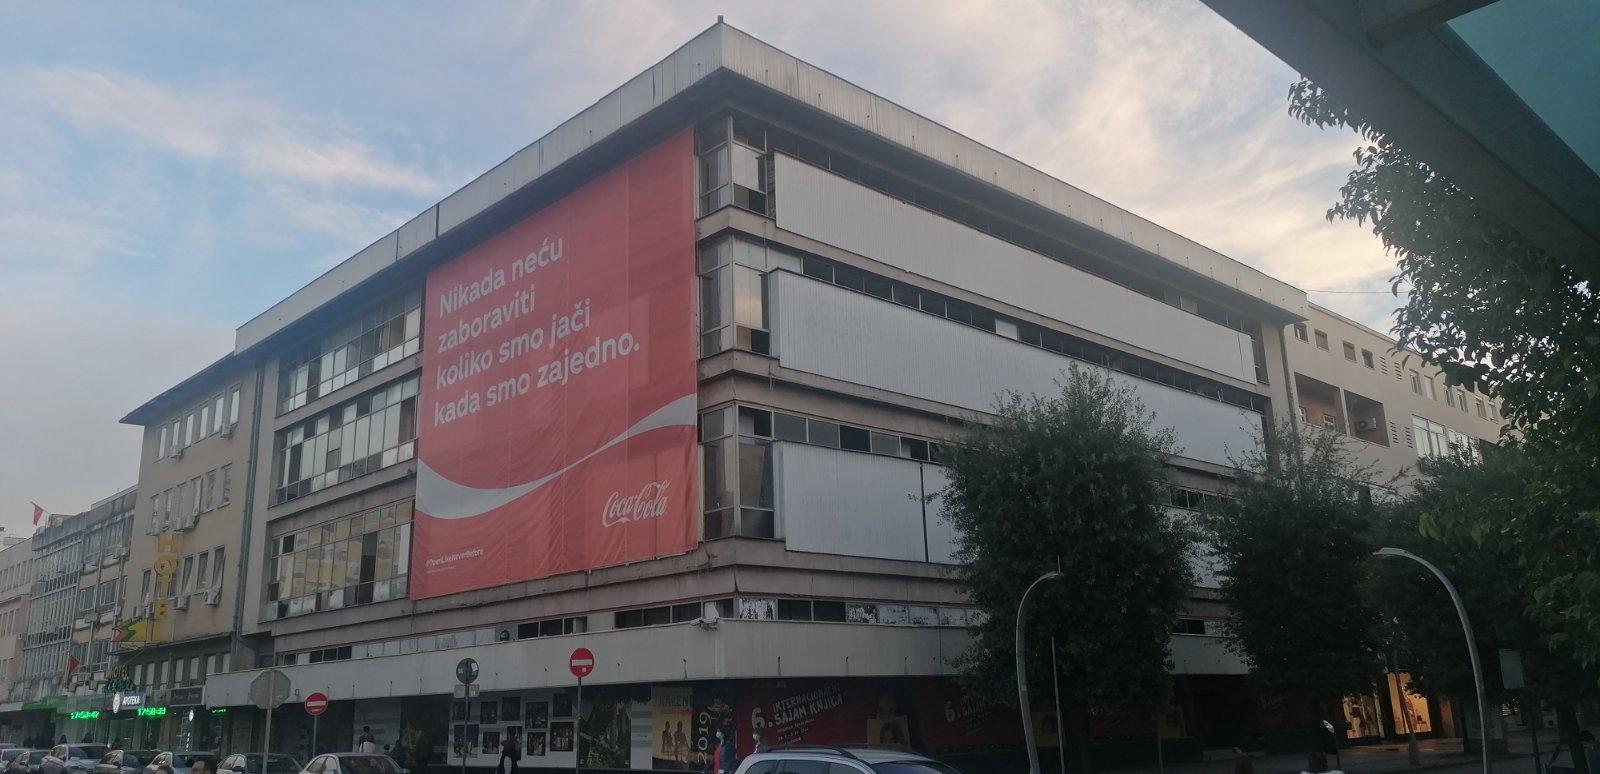 Prodaja Robne kuće oživjeće centar Podgorice i otvoriti nova radna mjesta